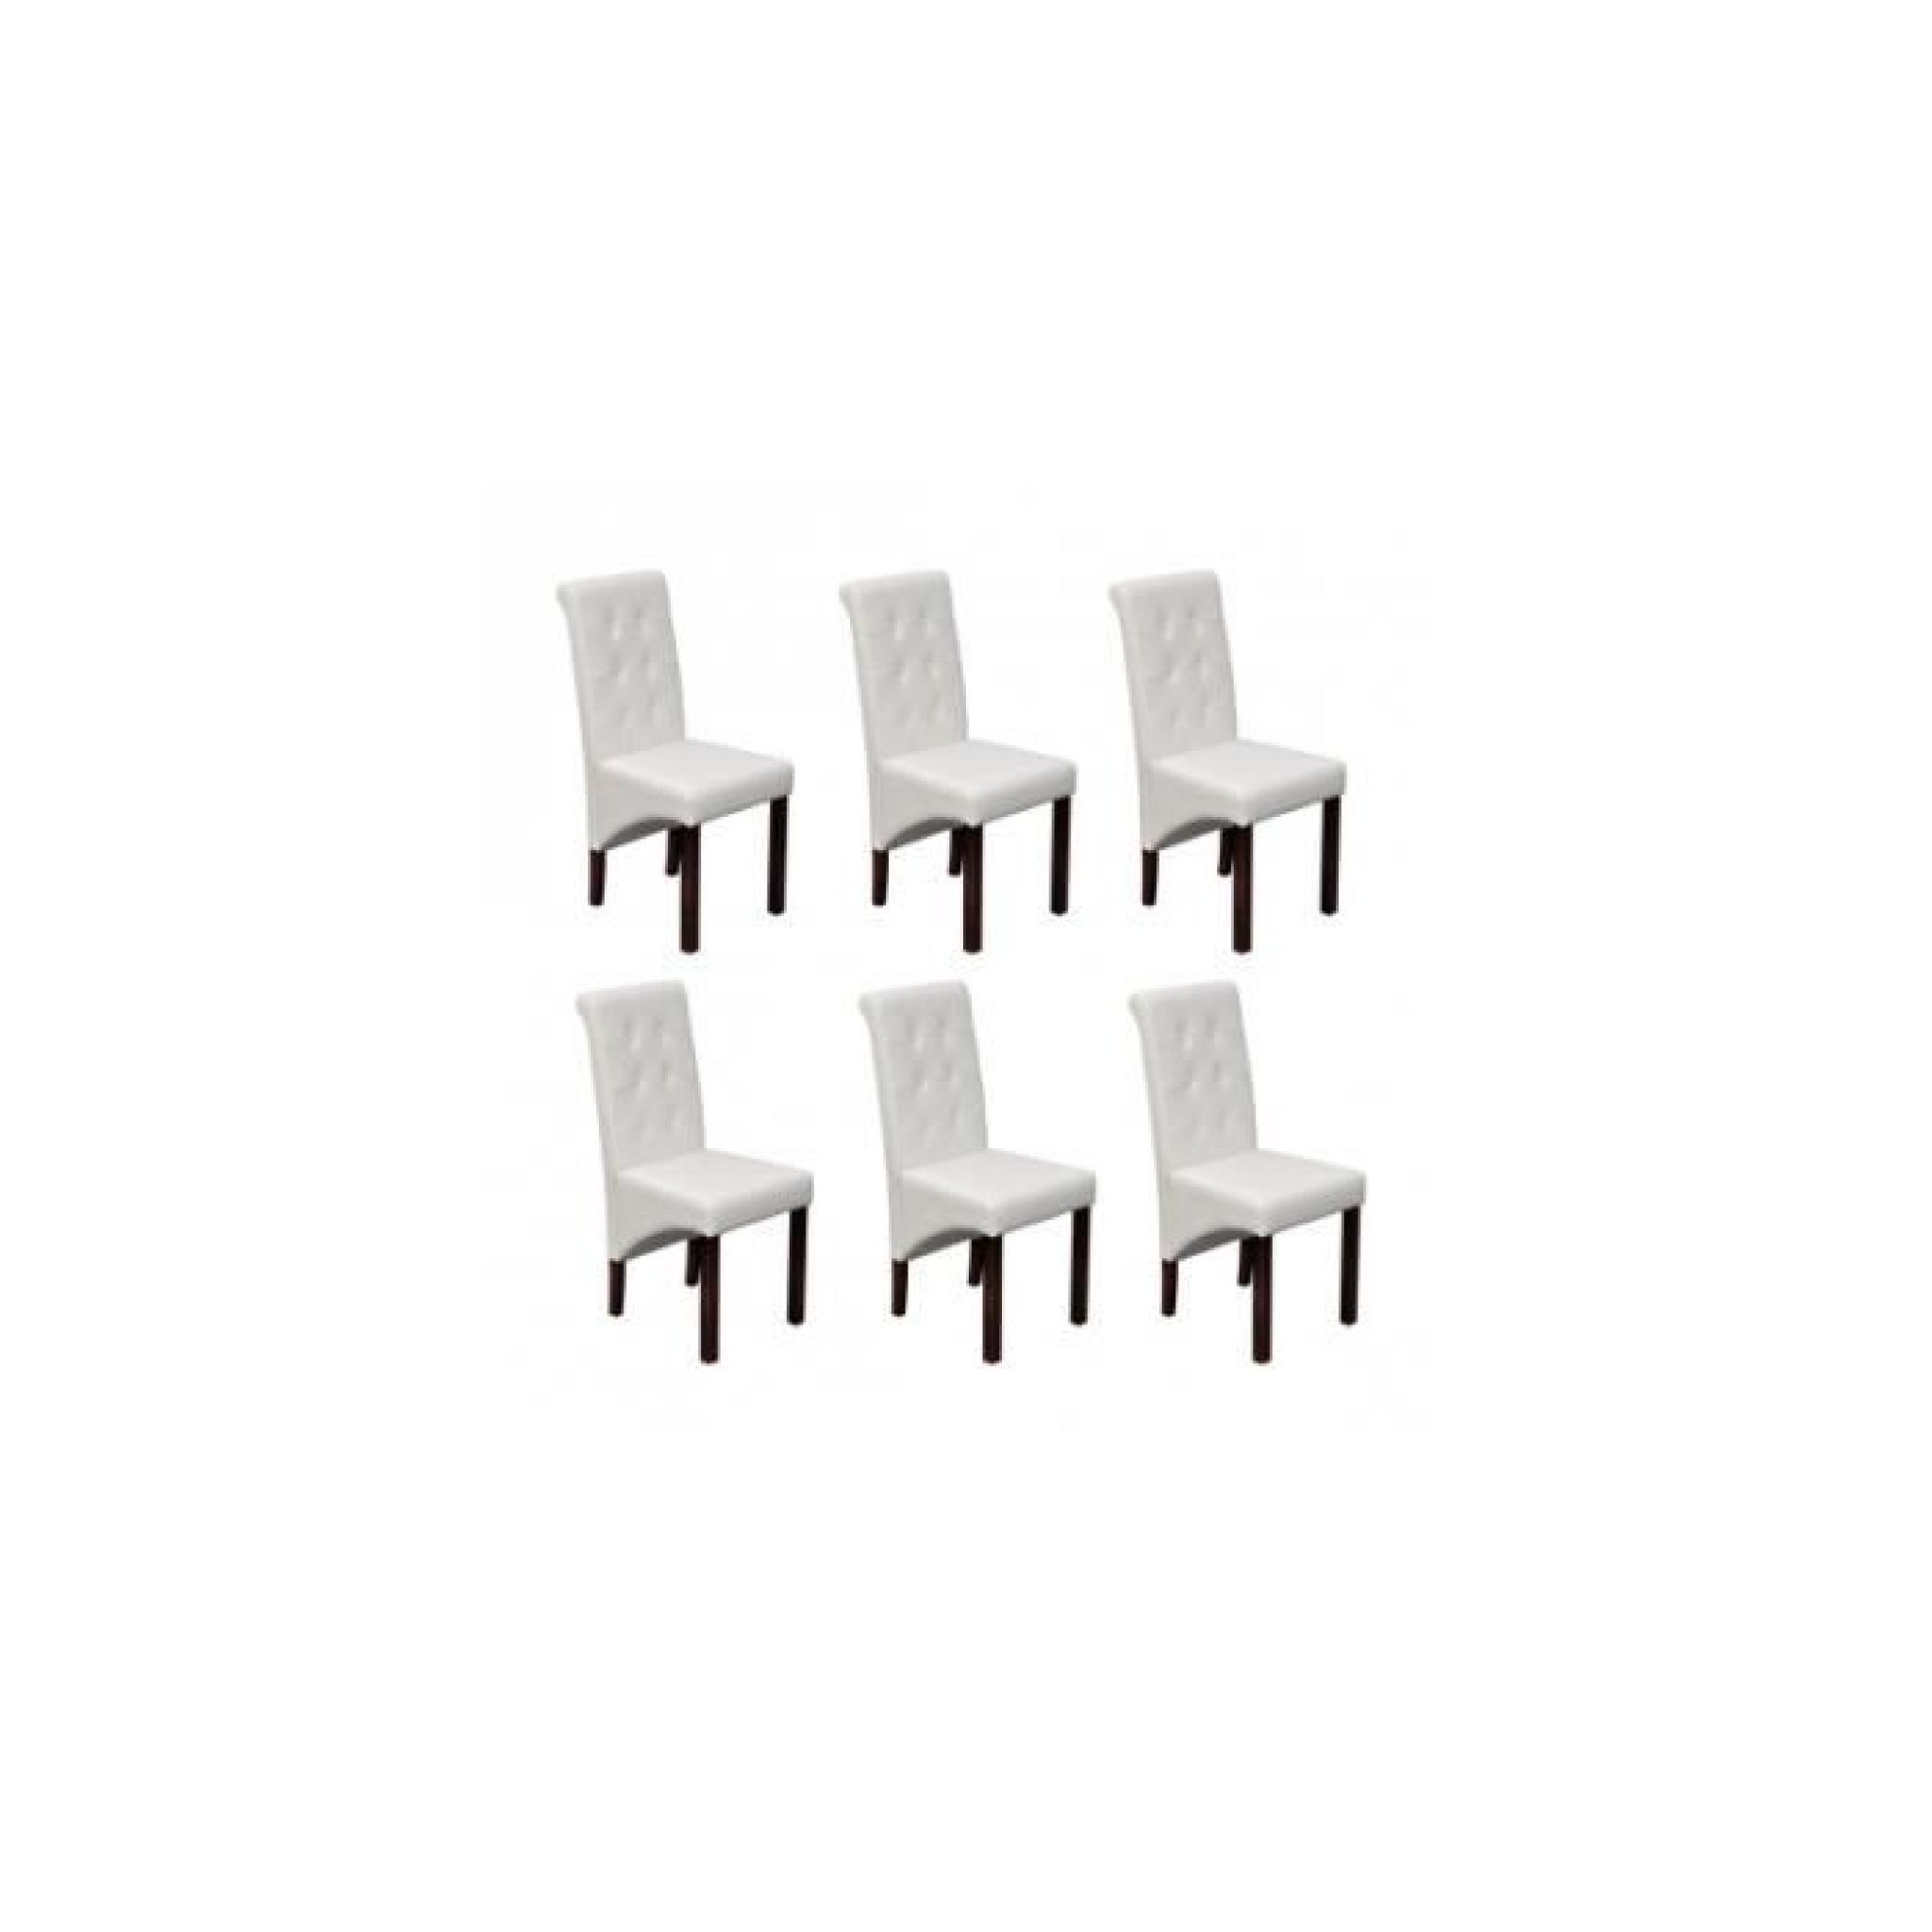 Chaise antique pu achat vente chaise salle a manger pas cher couleur et - Commander a manger pas cher ...